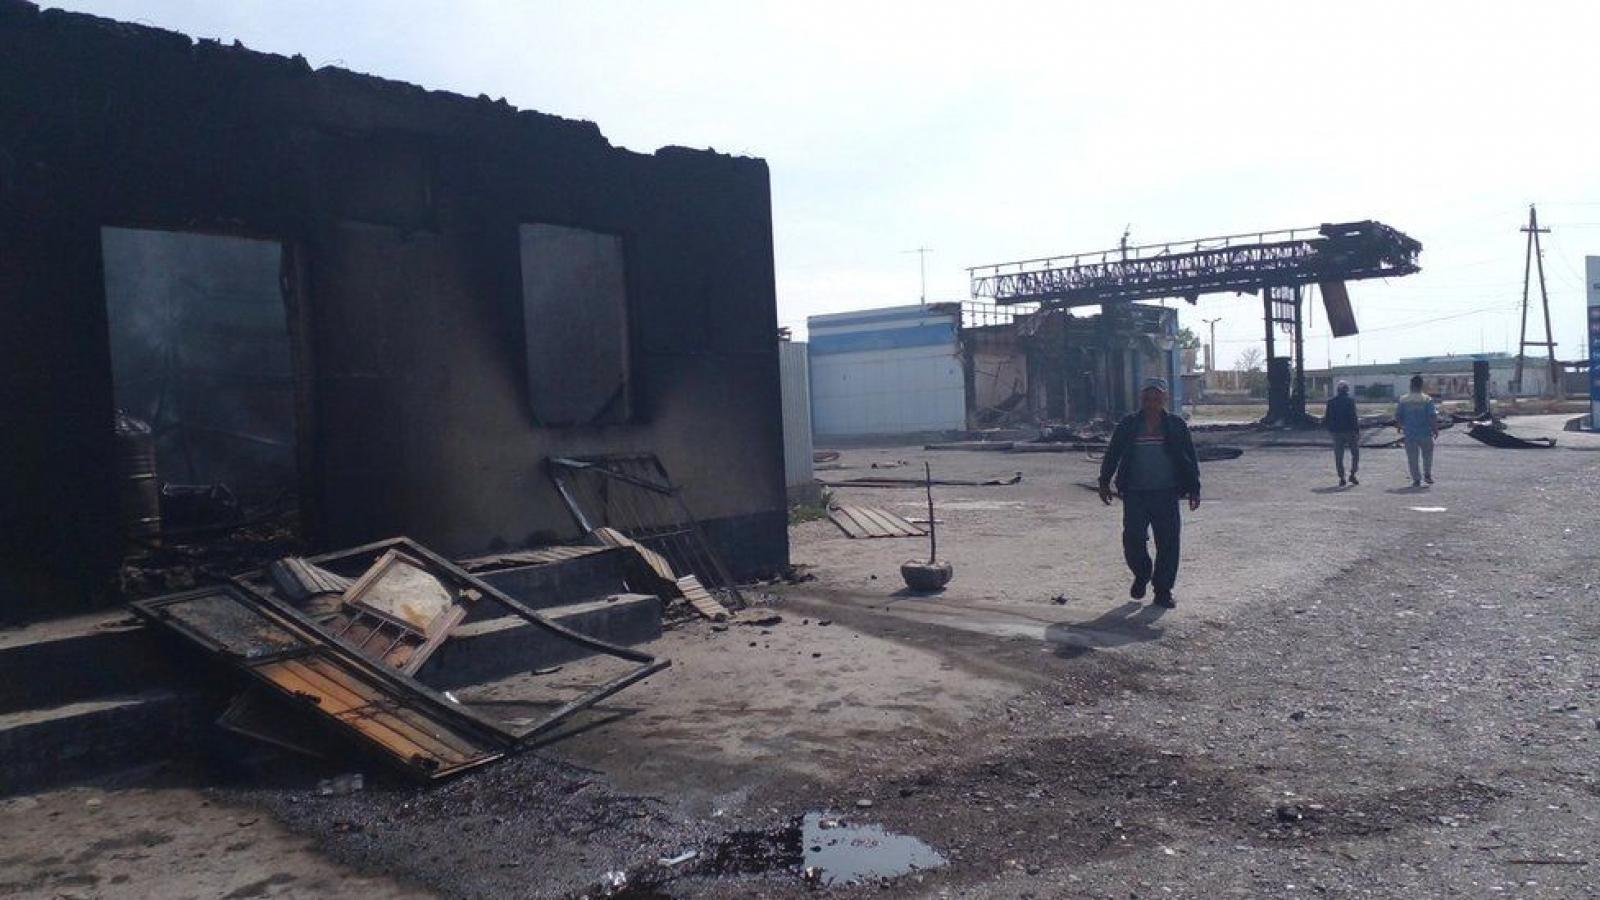 Giao tranh tiếp tục nổ ra tại biên giới Kyrgyzstan và Tajikistan